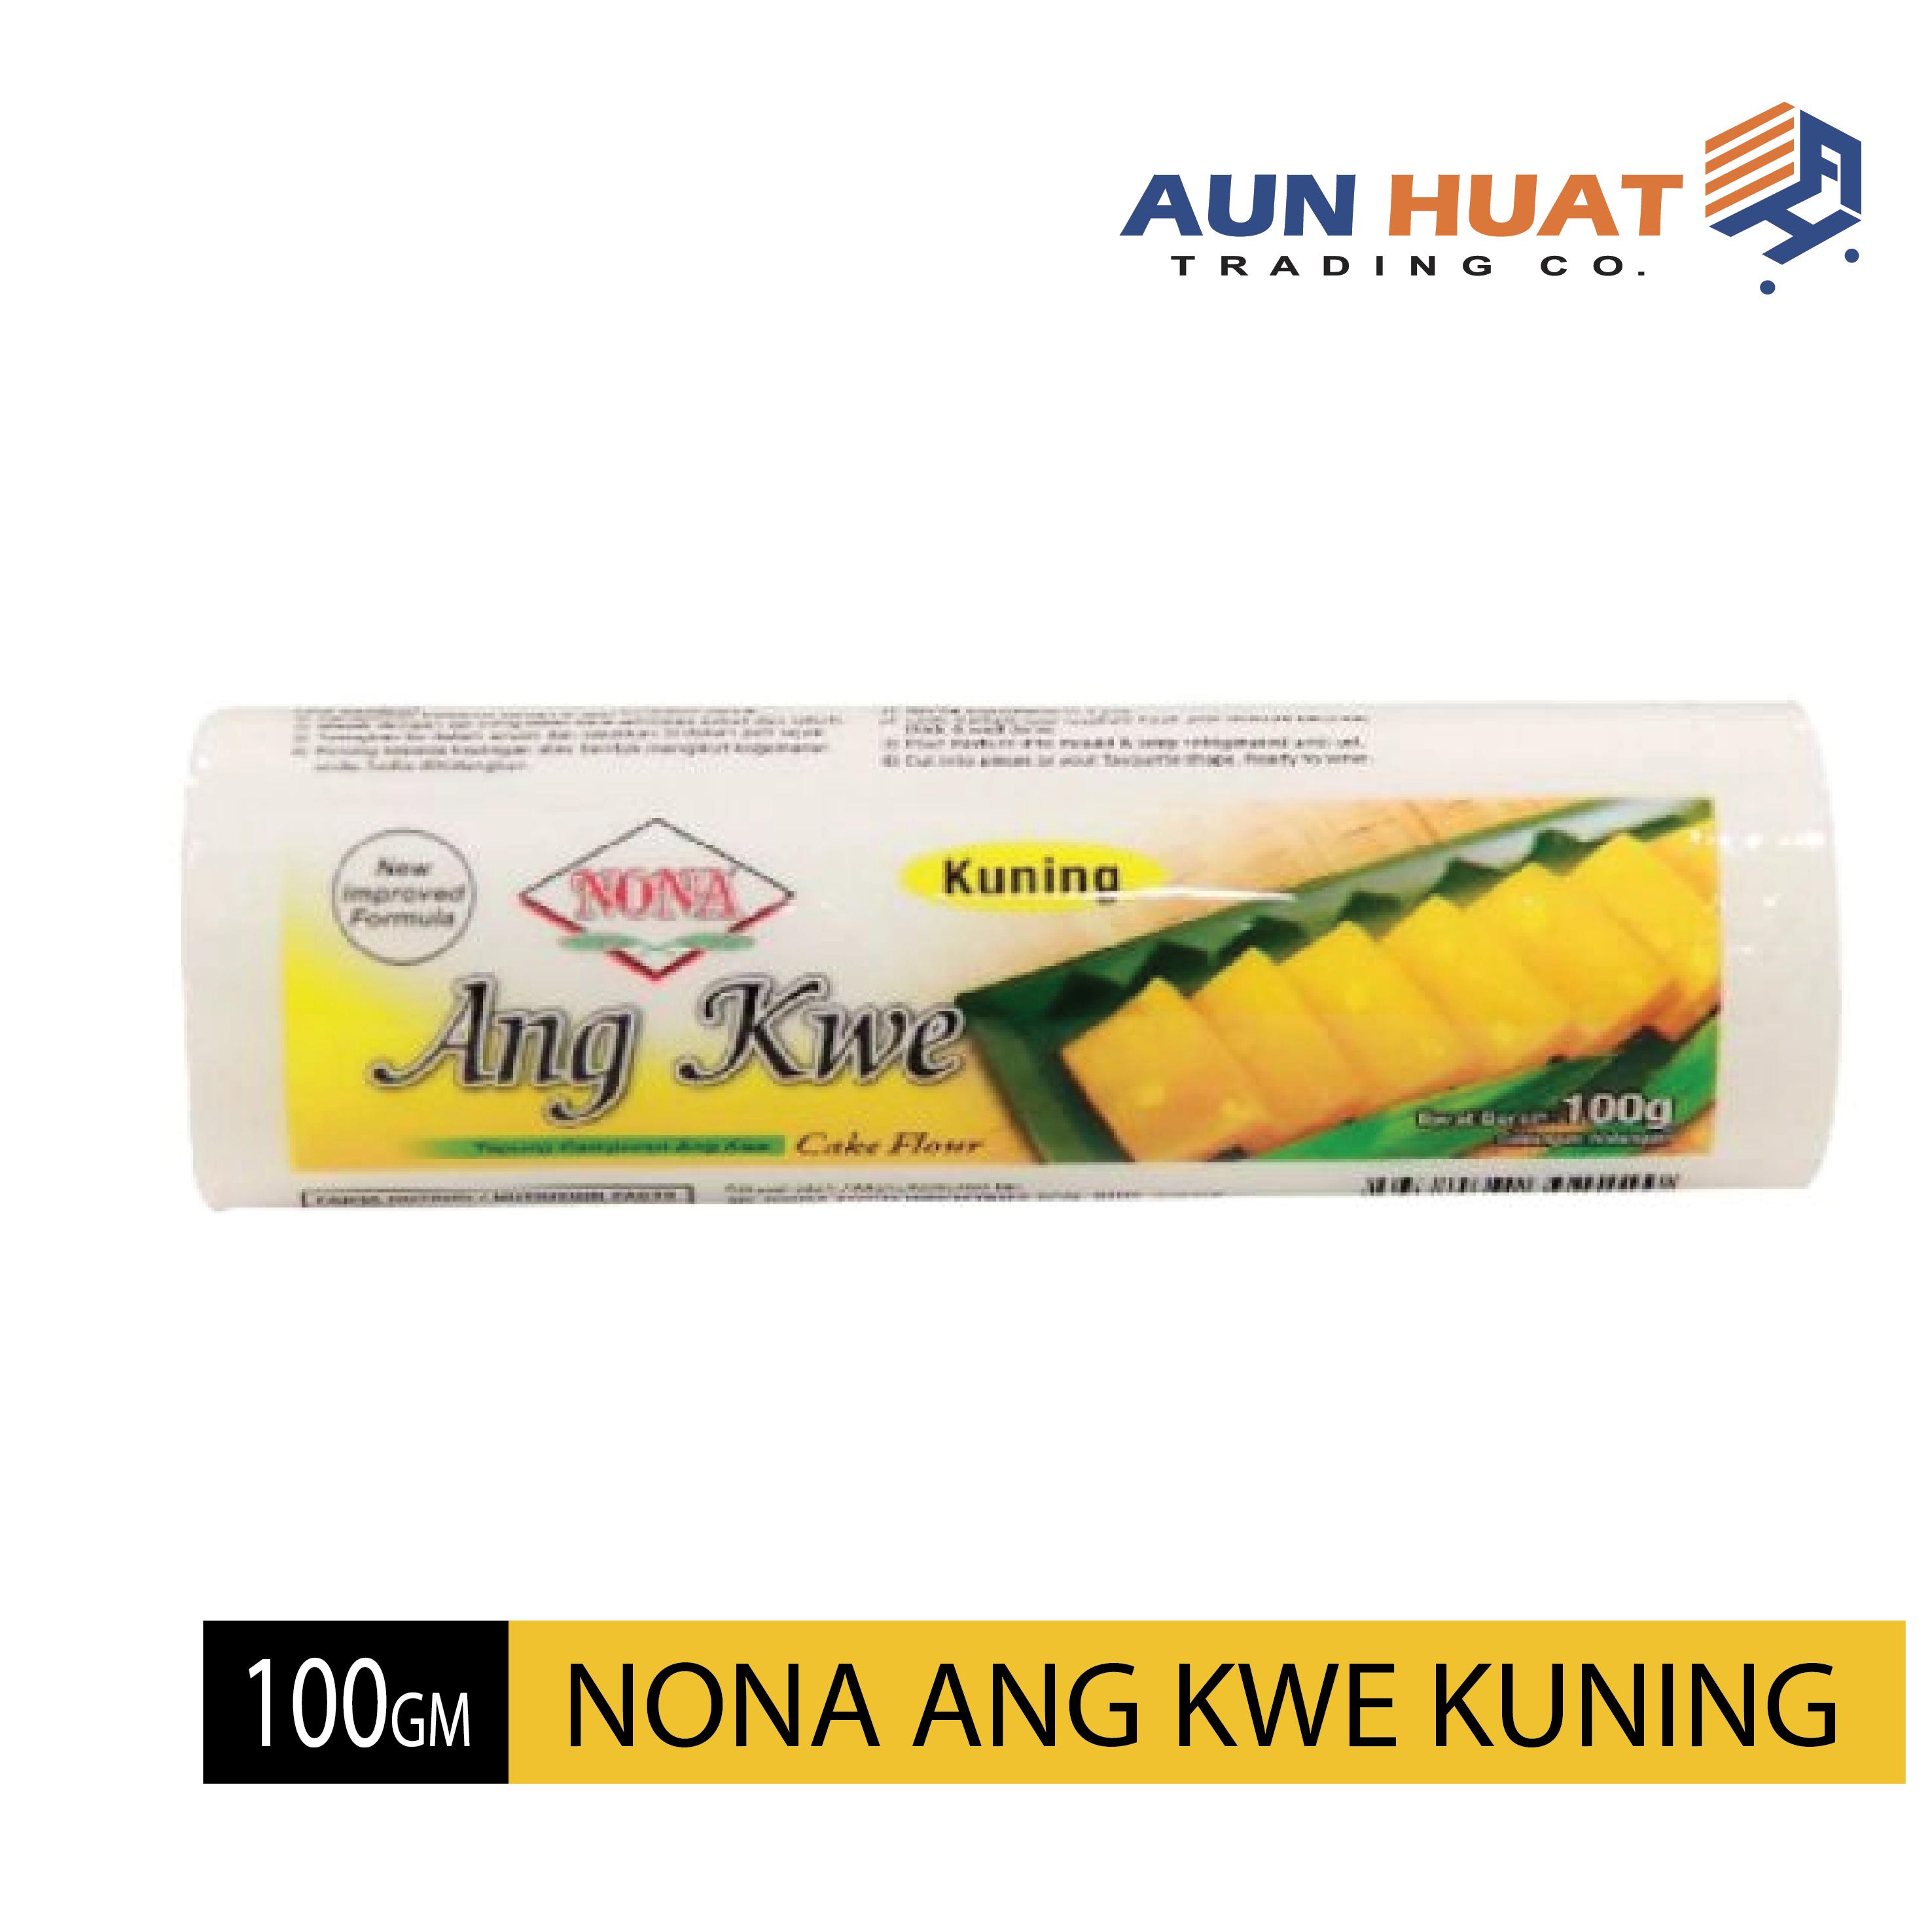 NONA ANG KWE /HOEN KWE 100GM KUNING